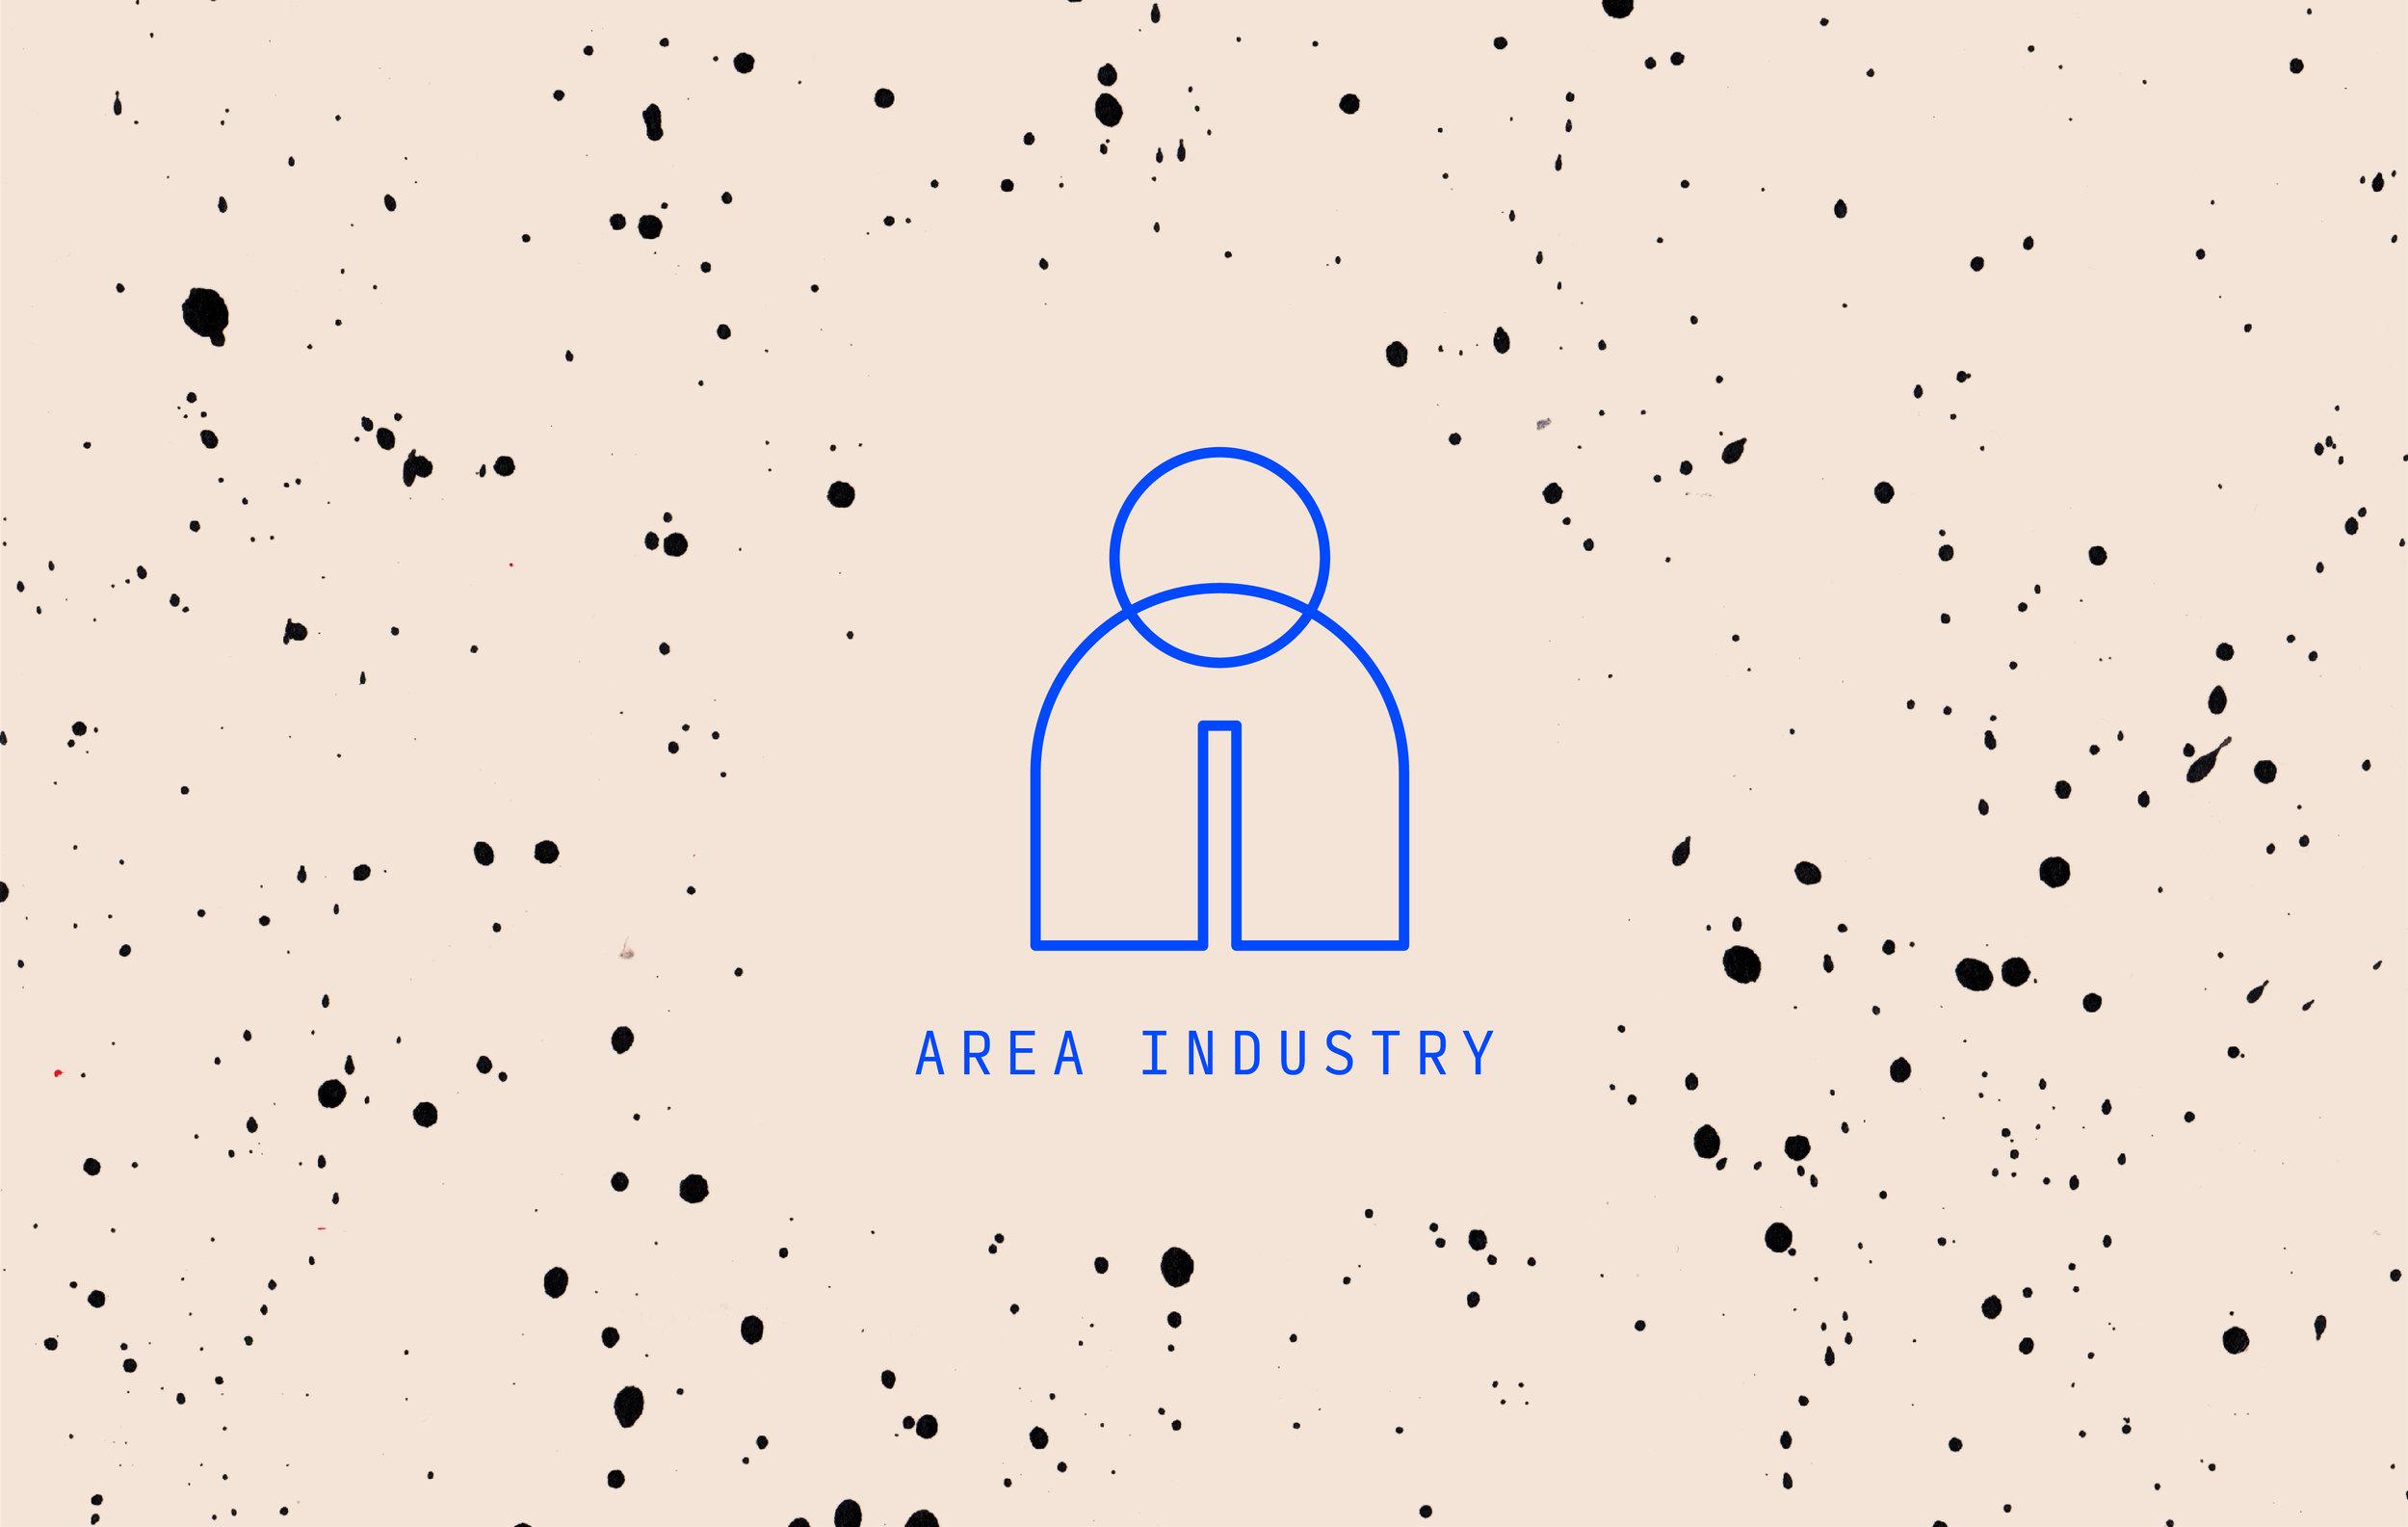 AreaIndustry_banner1.jpg